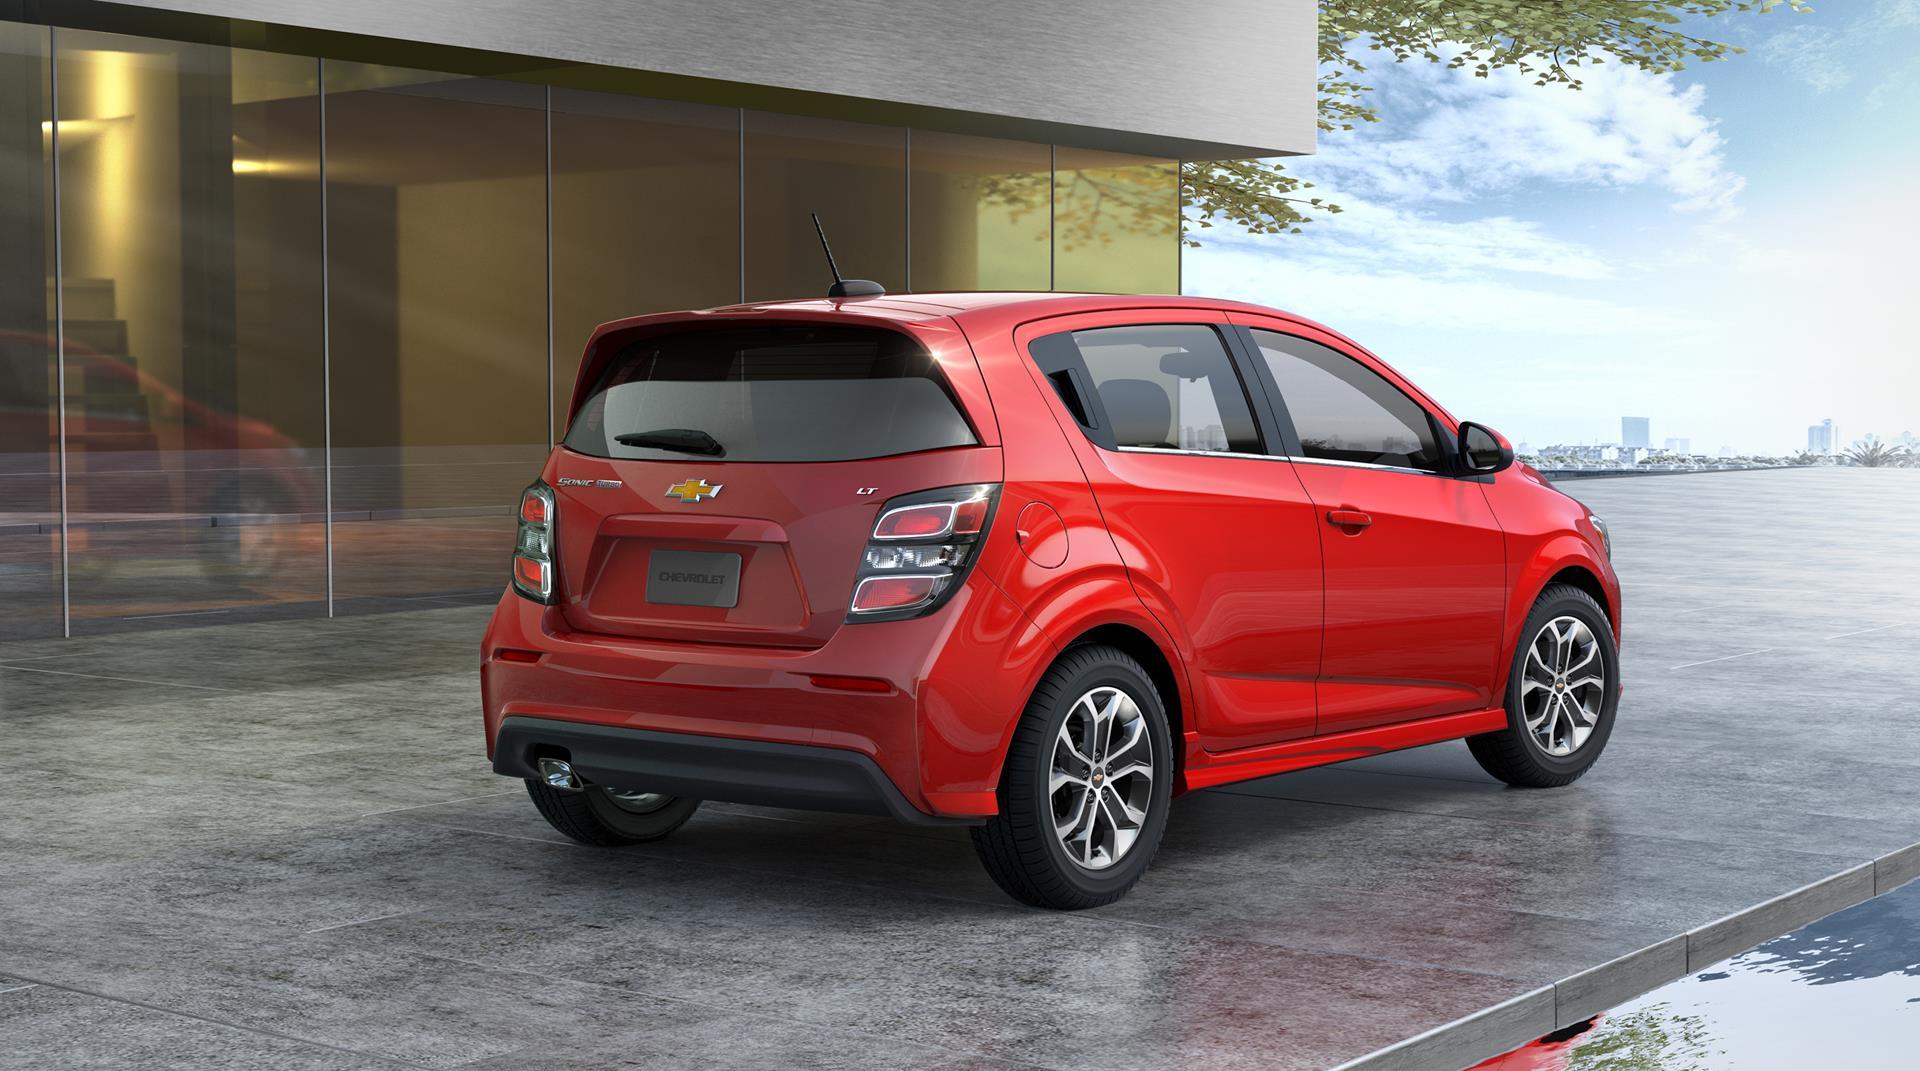 2017 Chevrolet Sonic Image